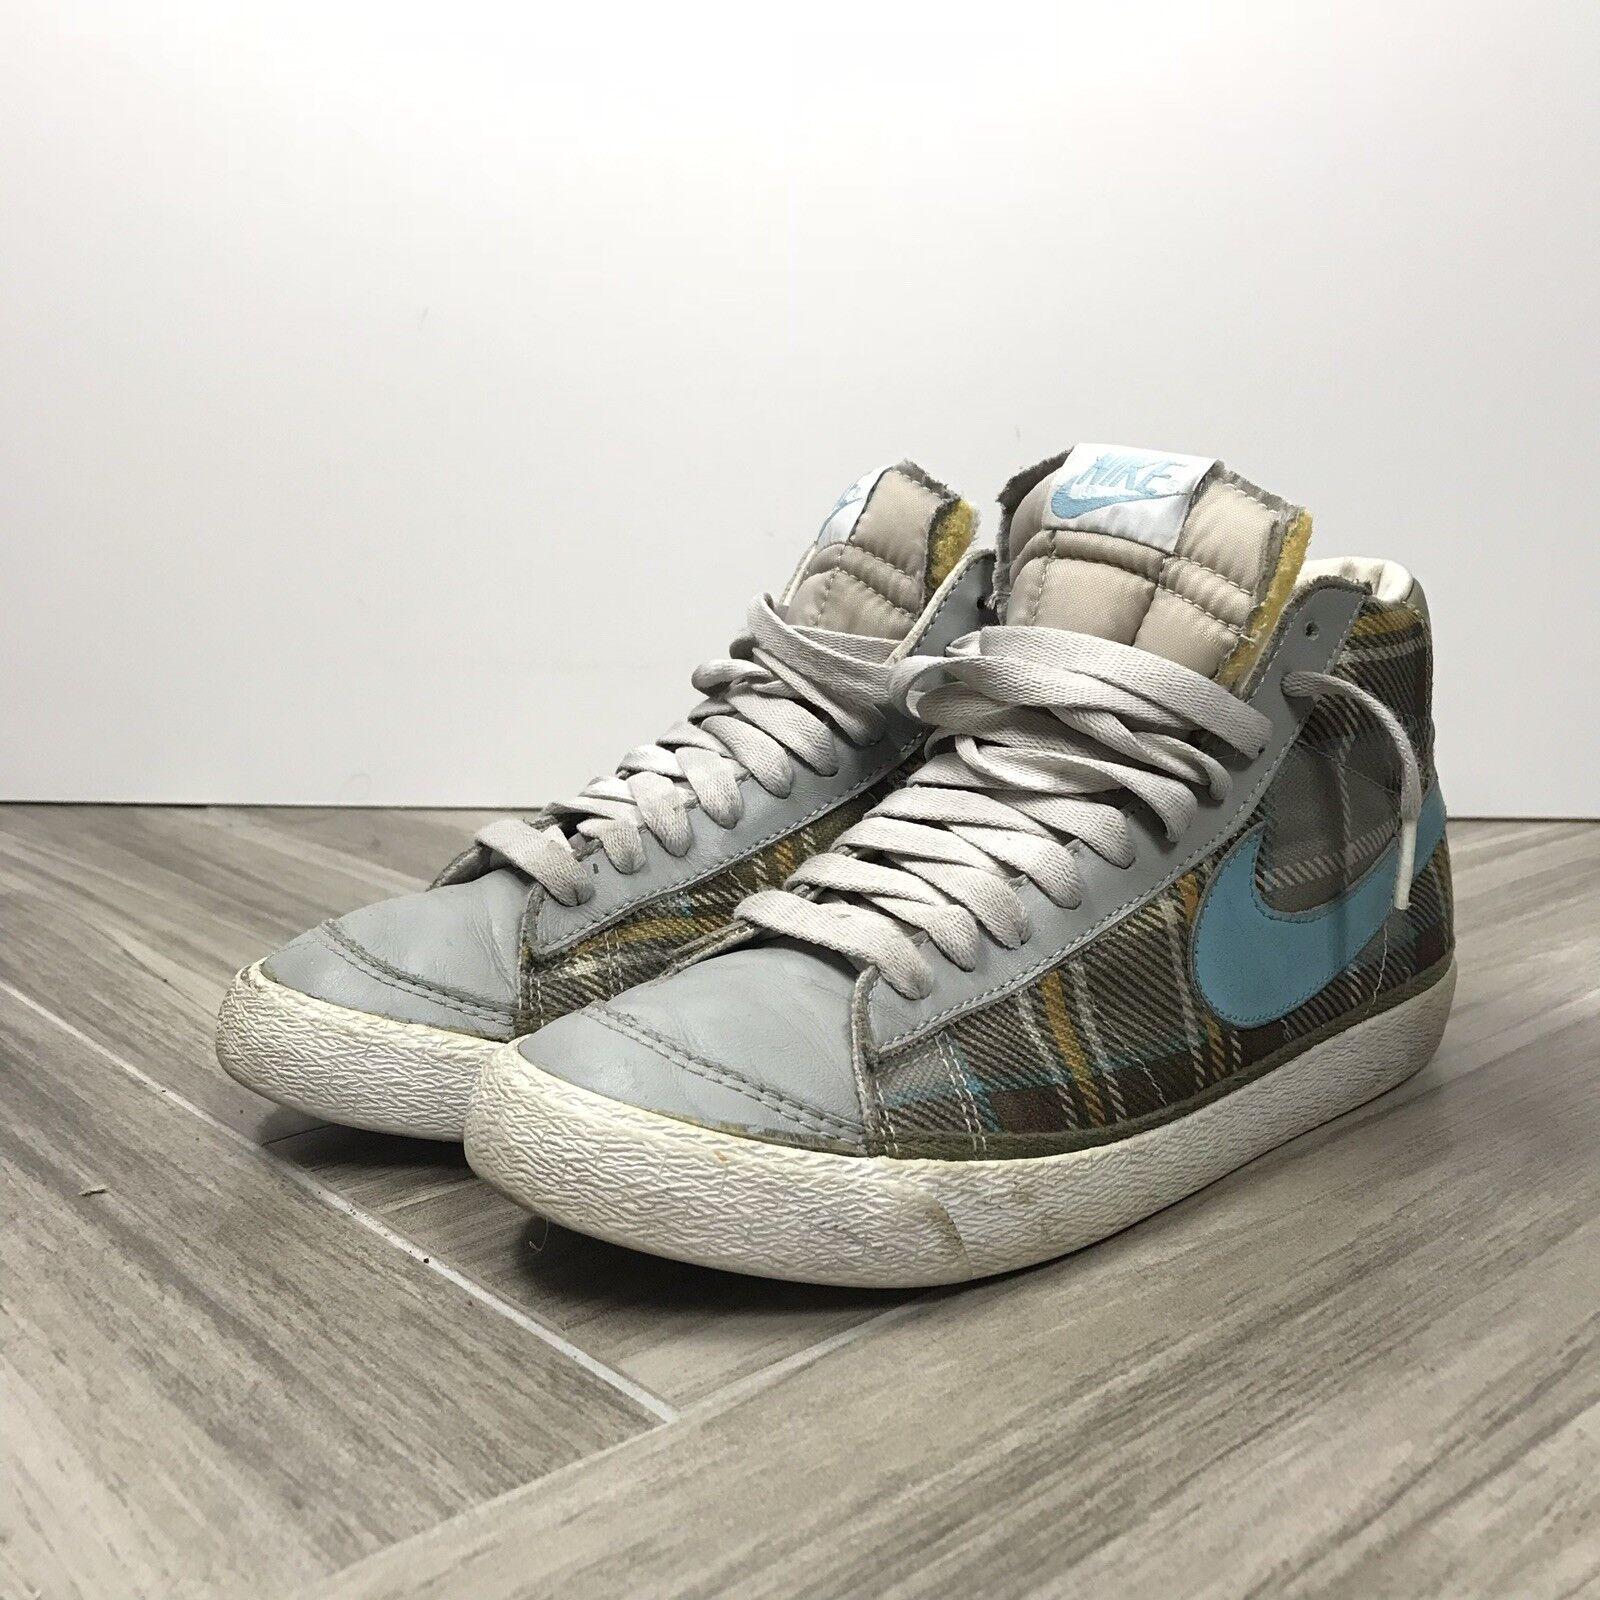 Nike Marronee blu controllare controllare controllare scozzese scarpe da ginnastica alte le donne noi 8,5, uk6, eu40 | Elegante E Robusto Pacchetto  | Uomini/Donne Scarpa  a46e00